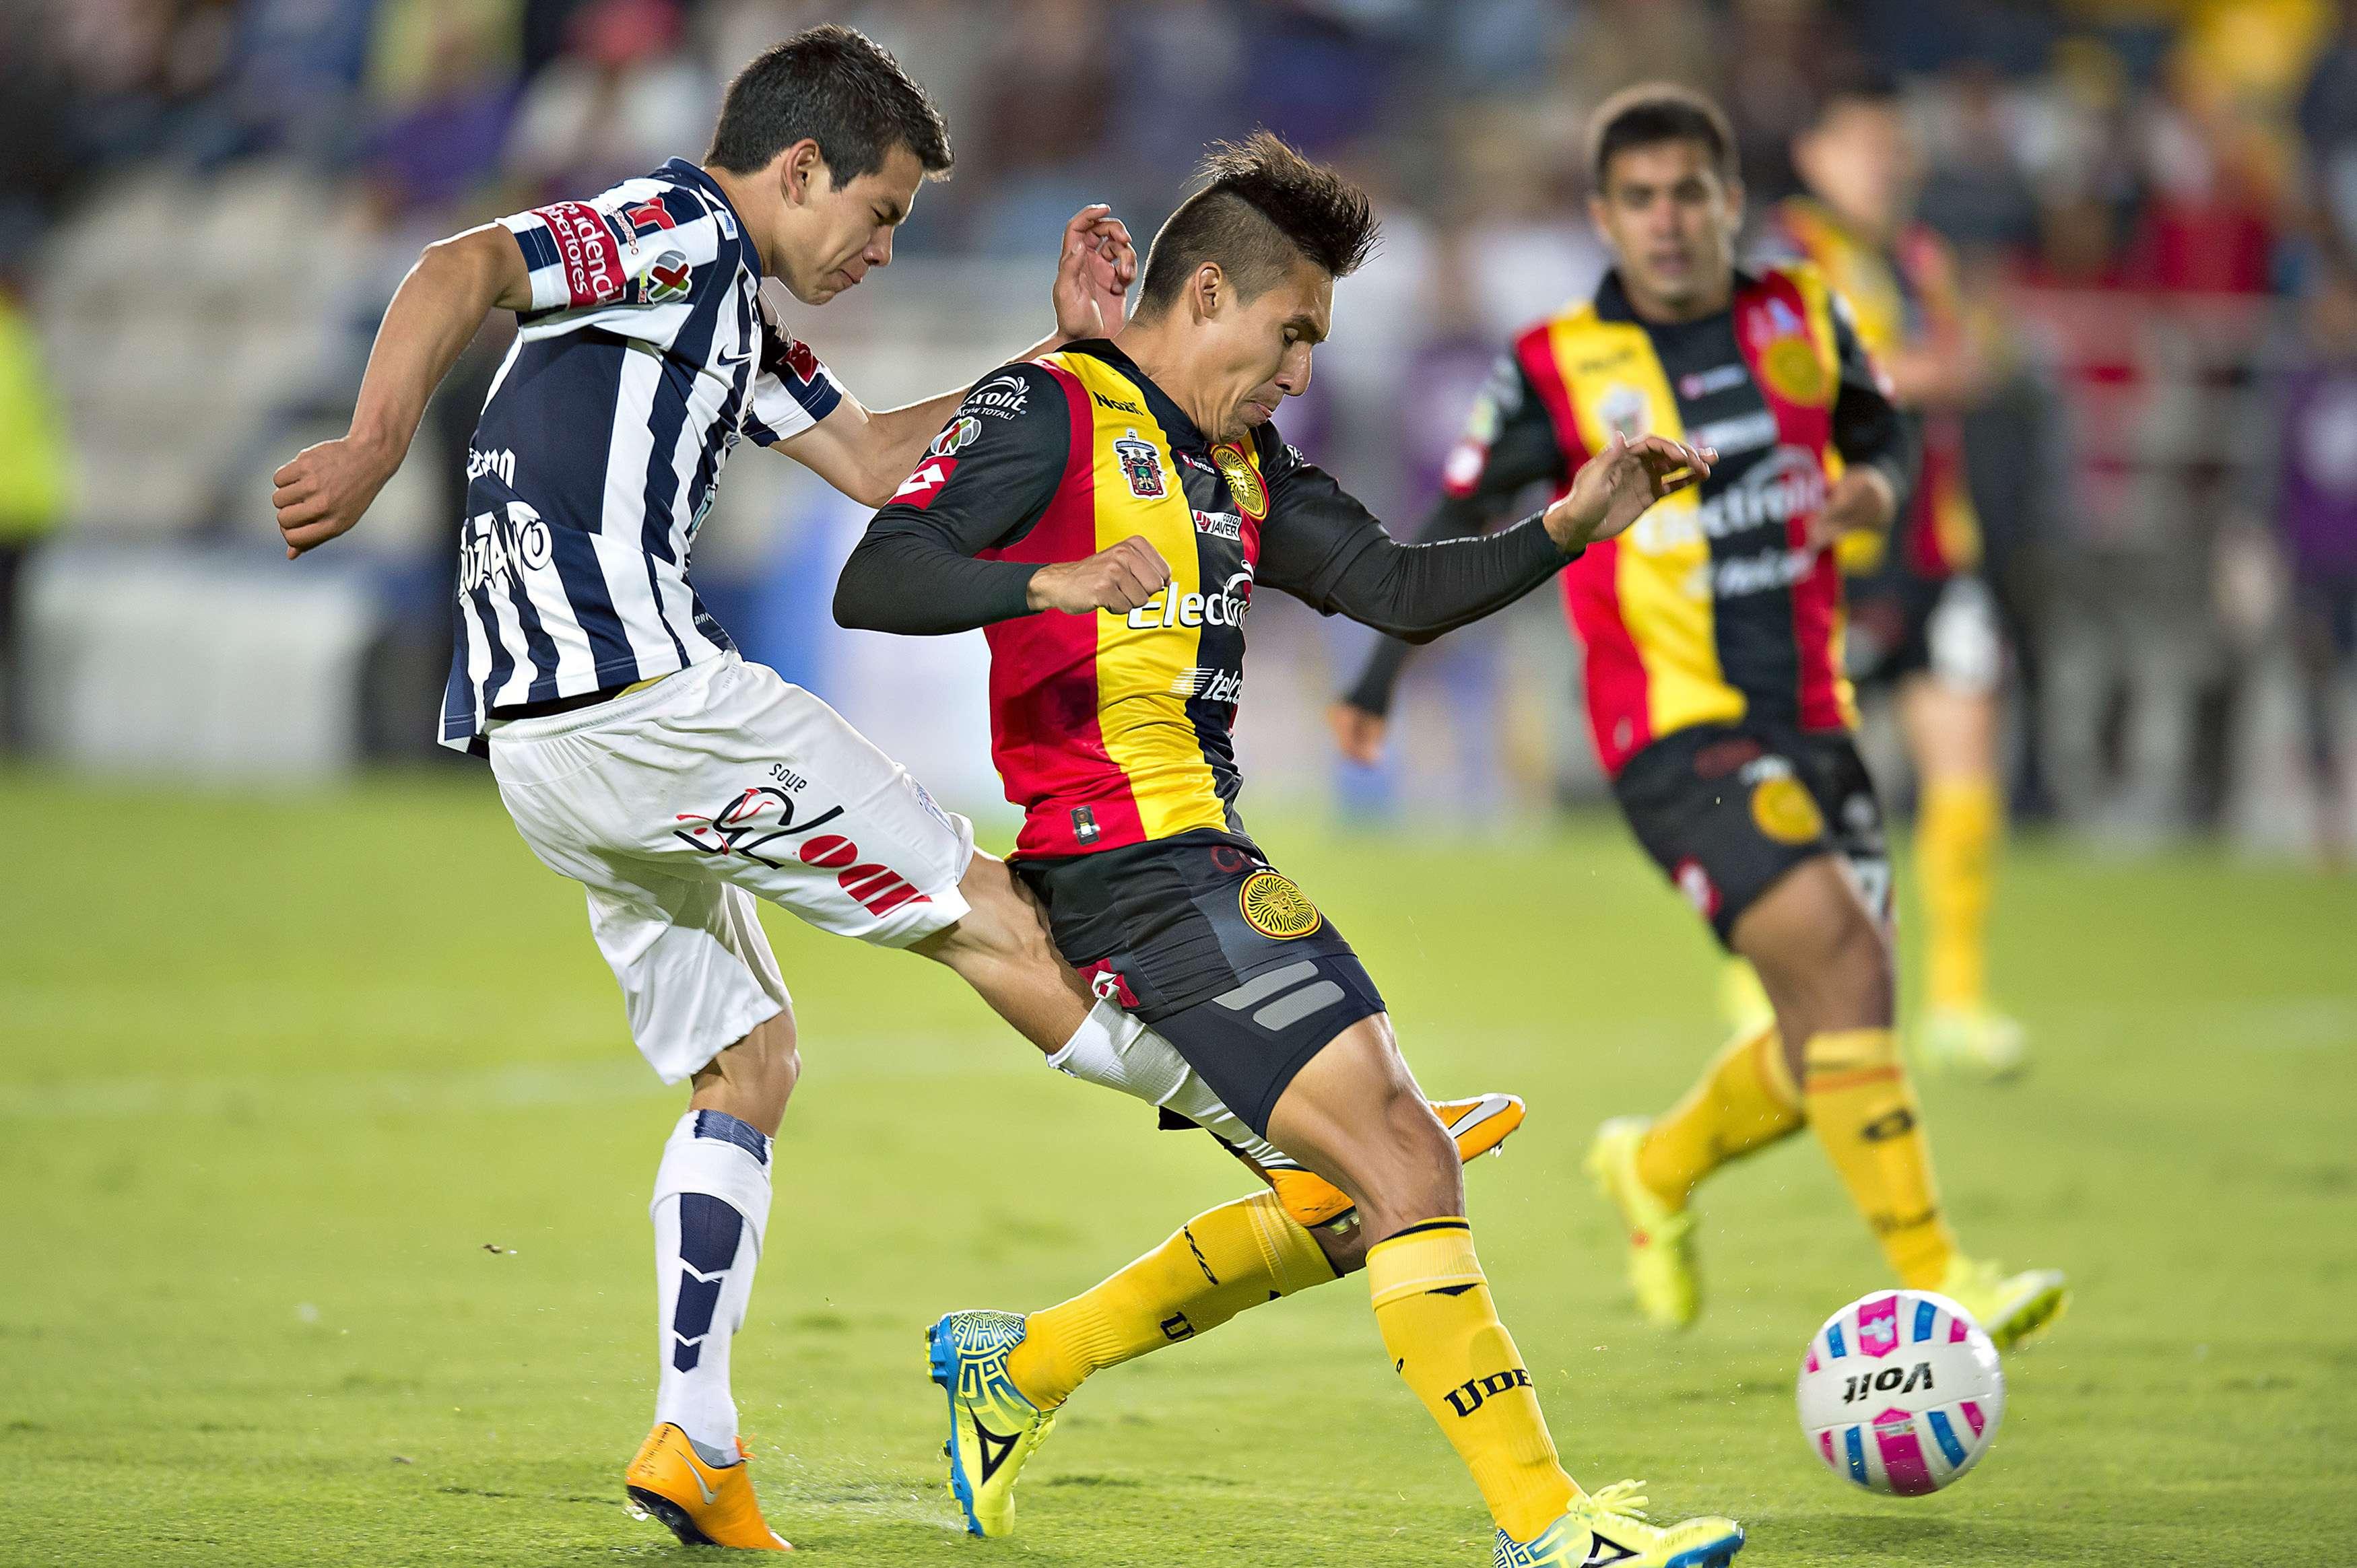 El partido fue muy peleado en media cancha. Foto: Mexsport